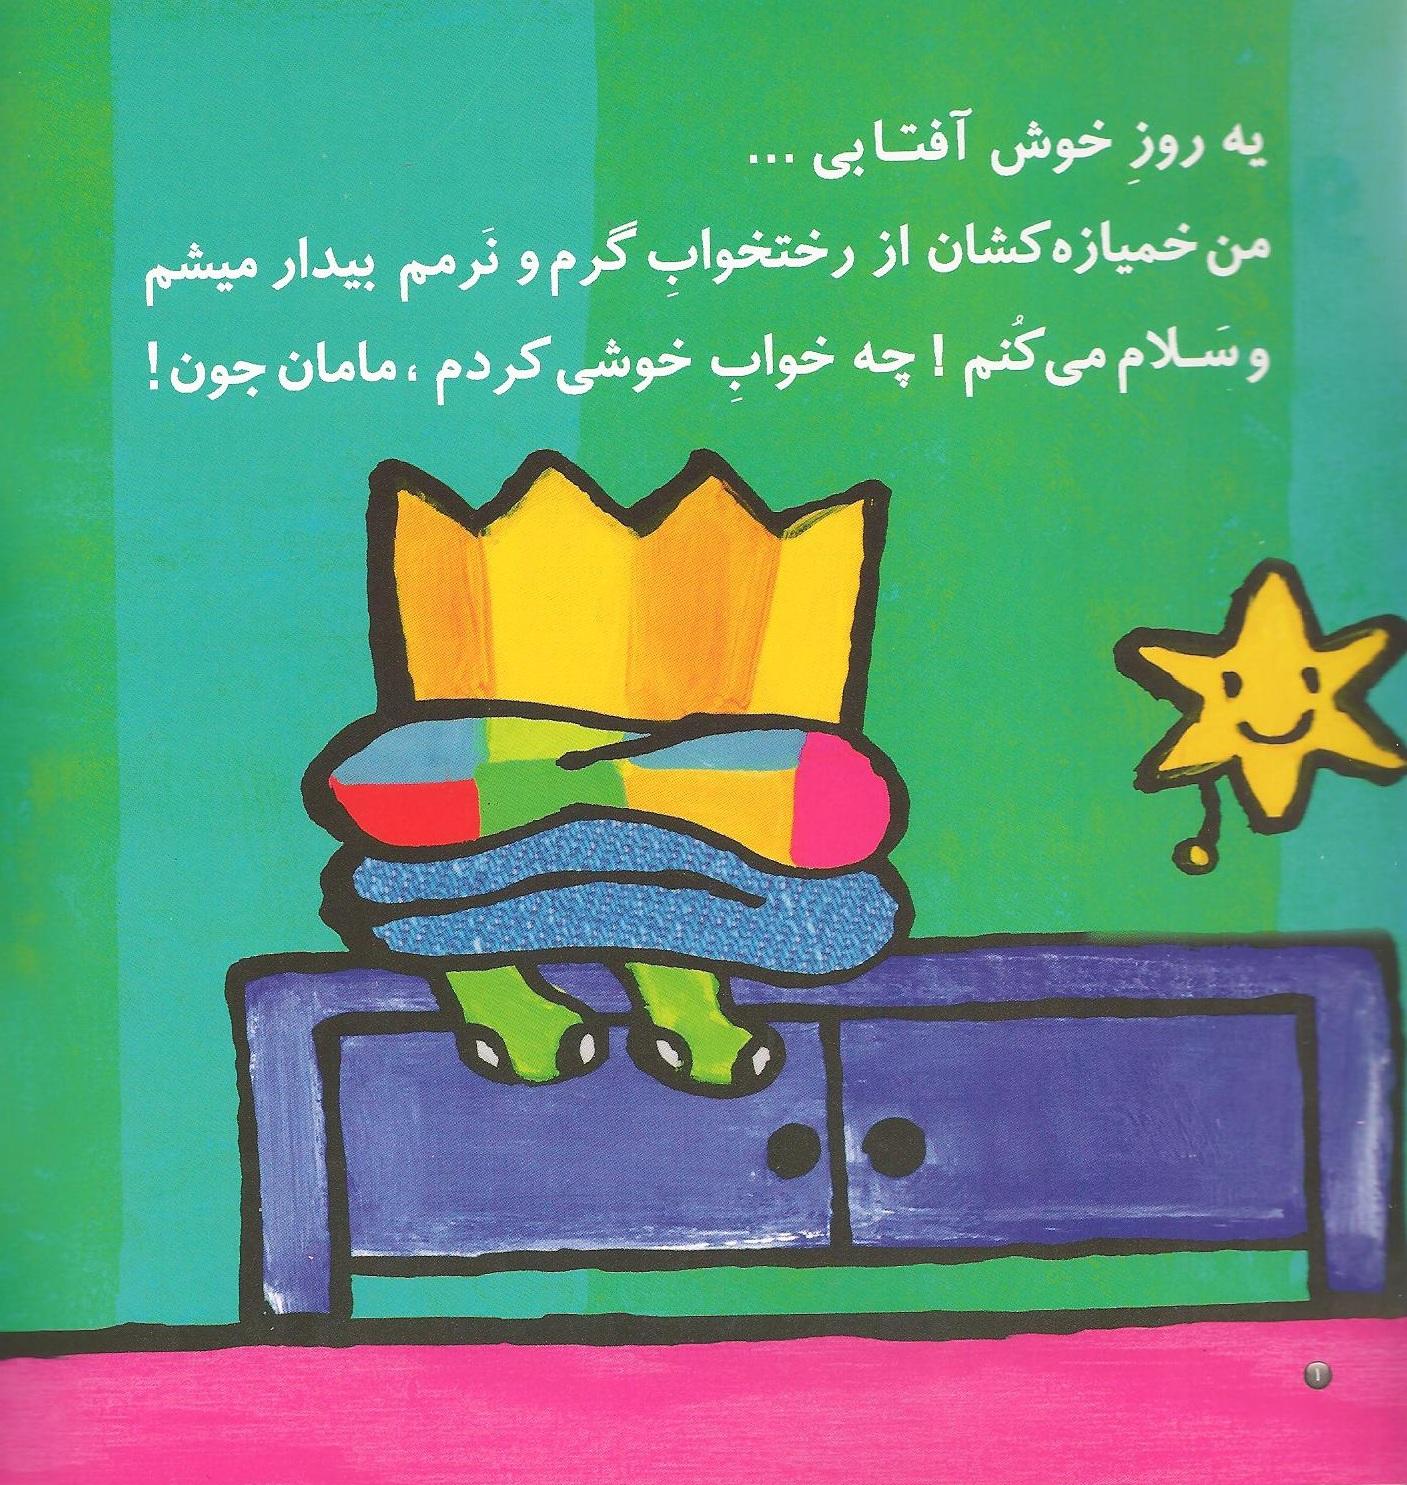 کتاب نی نی بابایی 3 (جشن تولد نی نی کوچولو)،(گلاسه)